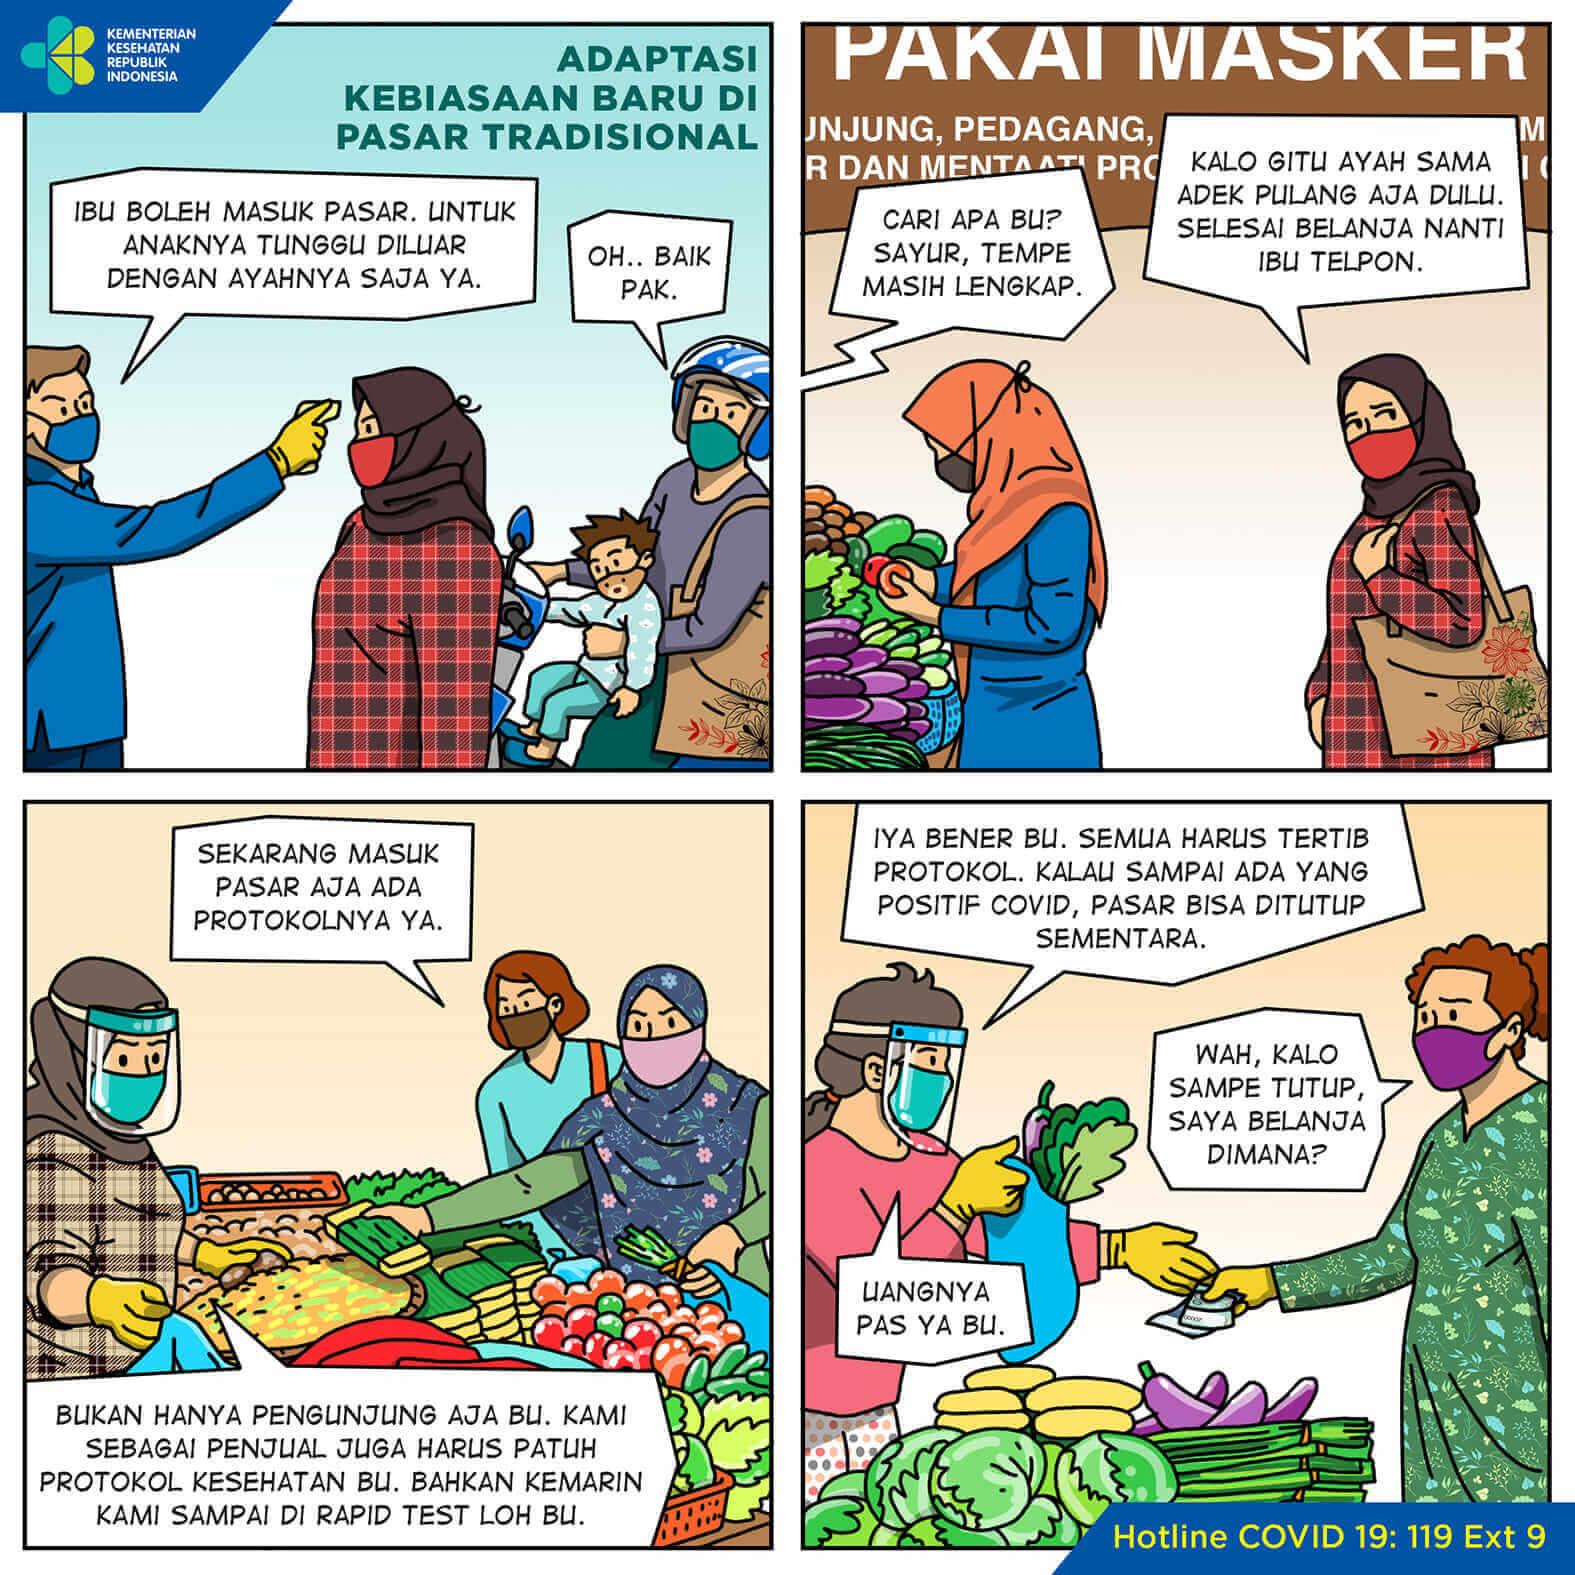 Adaptasi Kebiasaan Baru di Pasar Tradisional